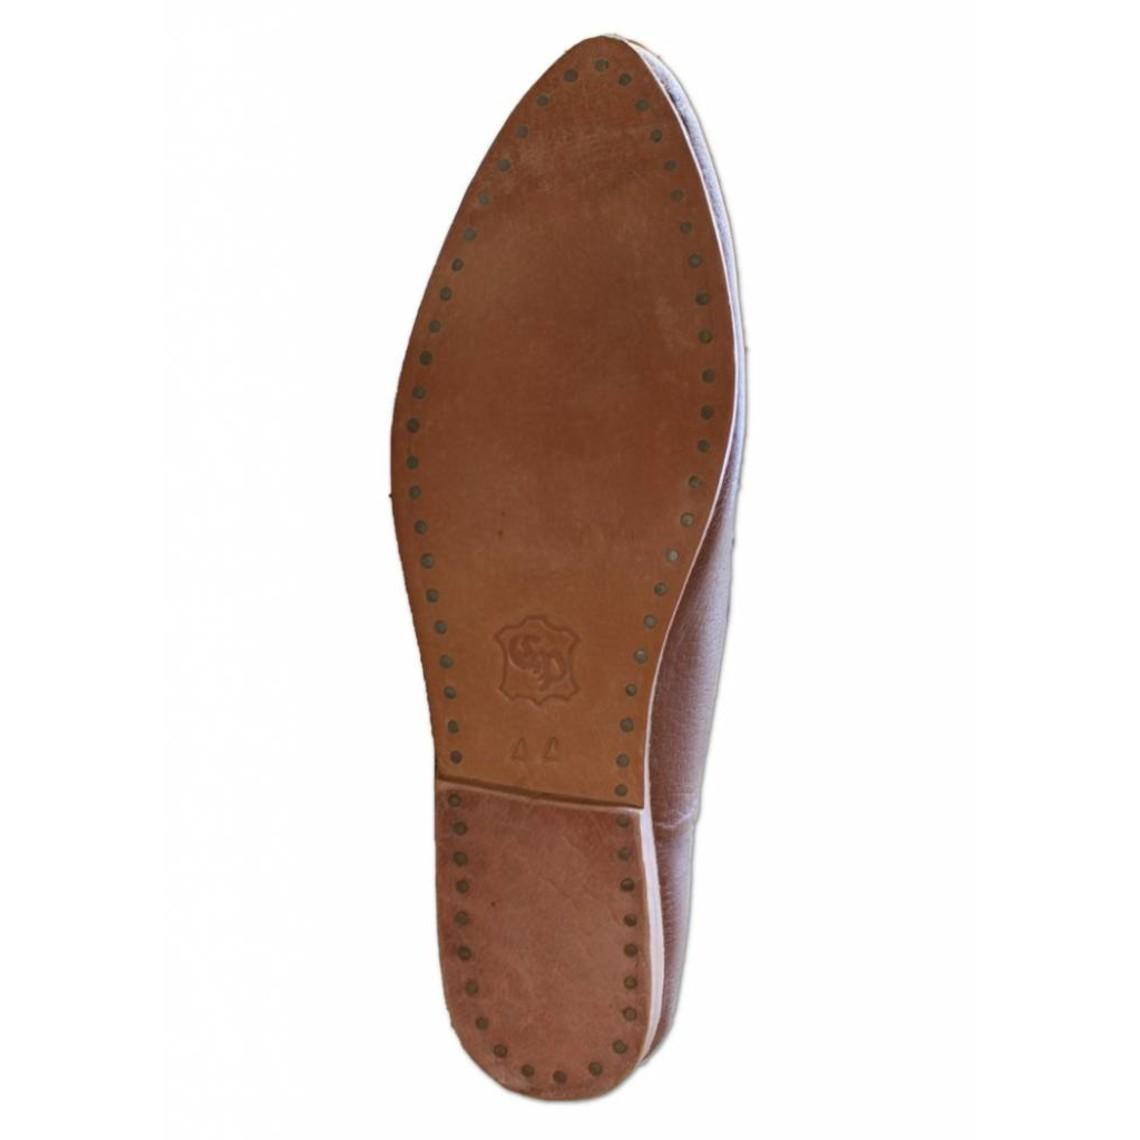 Chaussures Viking Haithabu I